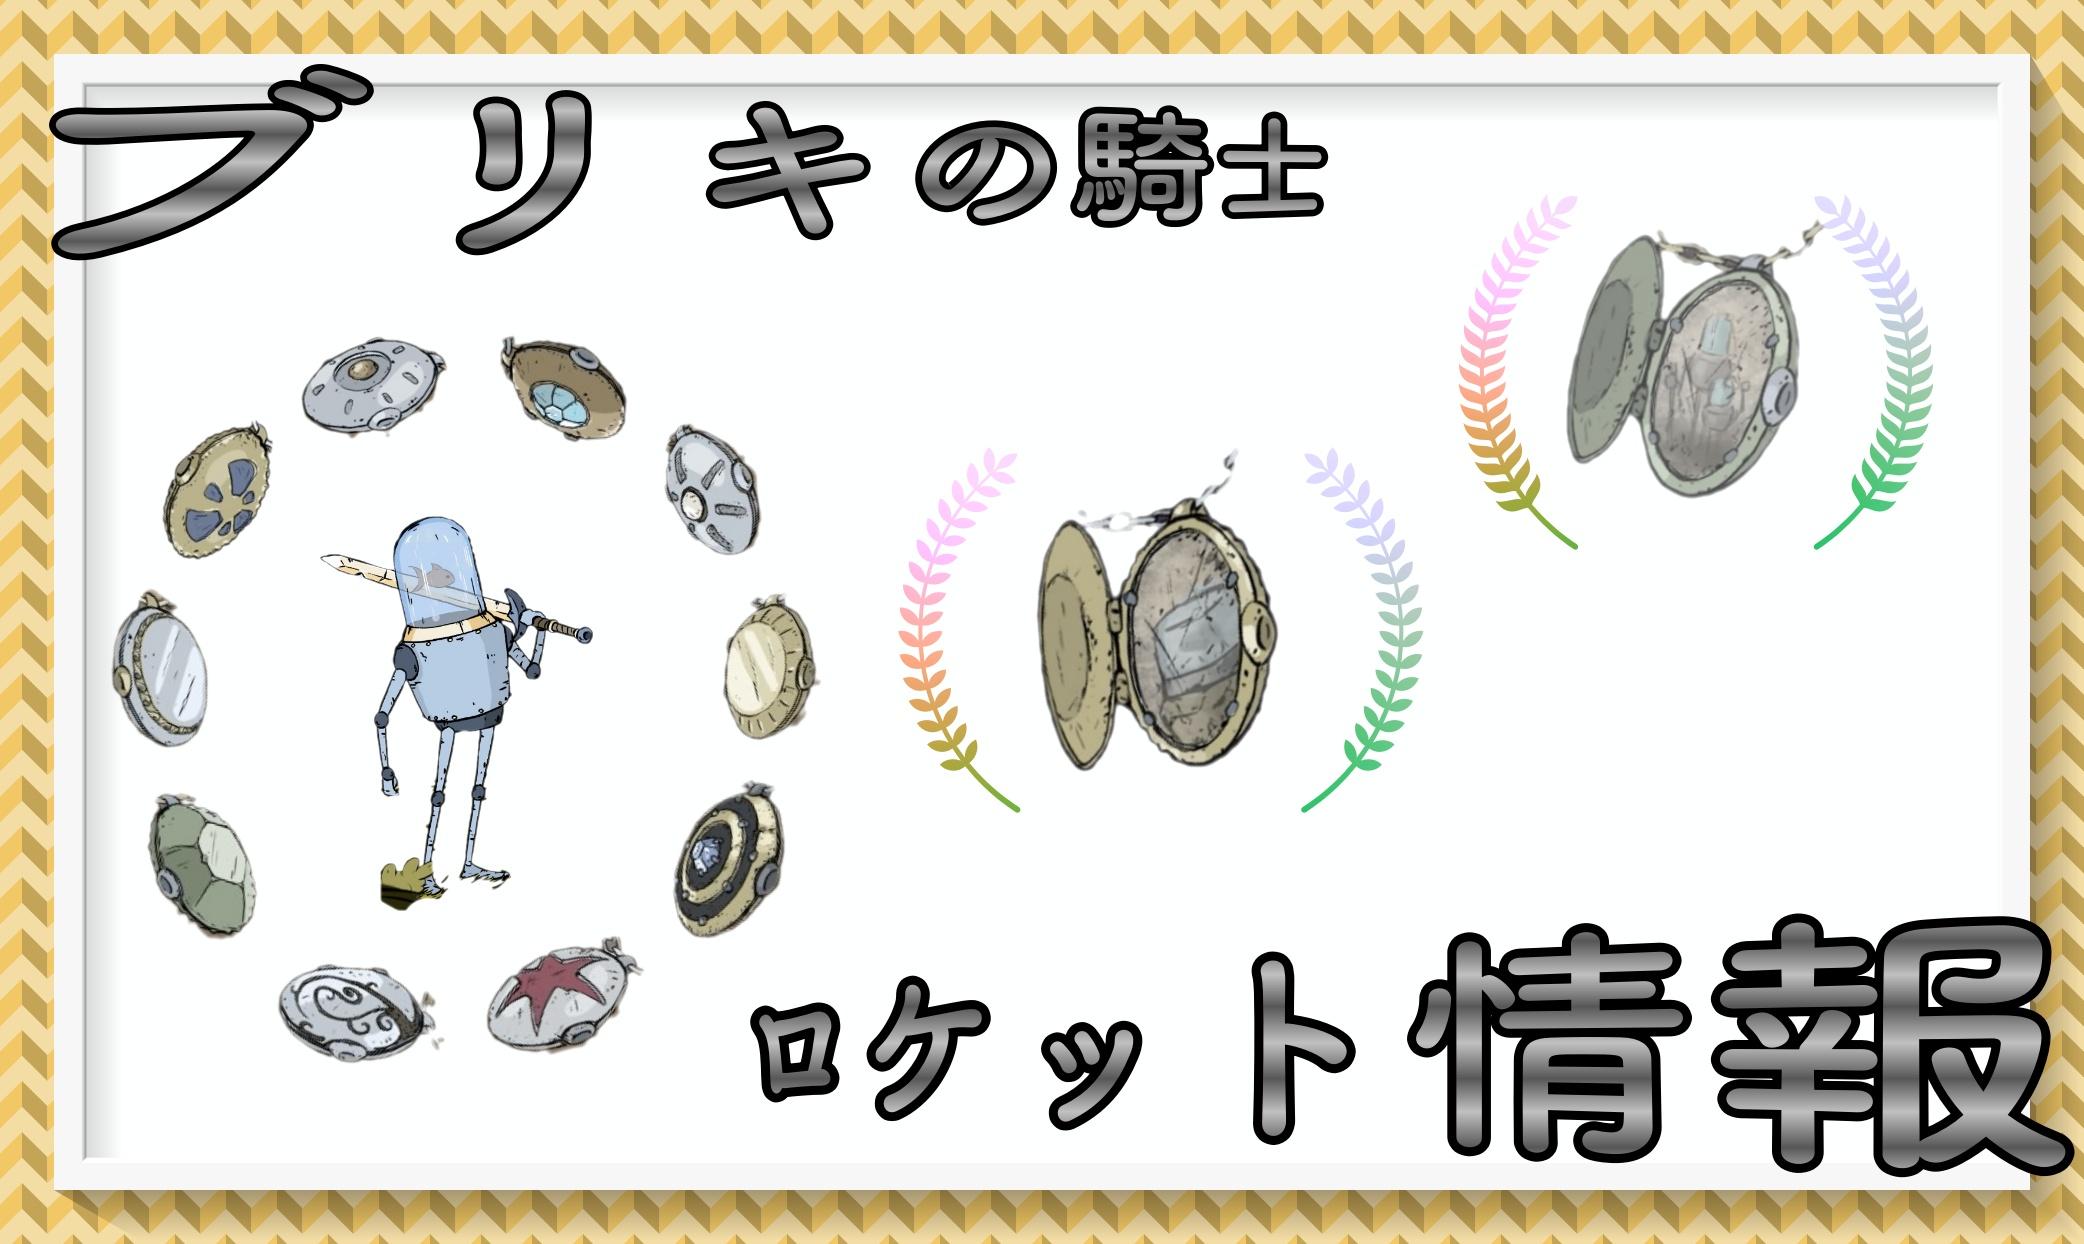 ブリキの騎士_ロケット情報